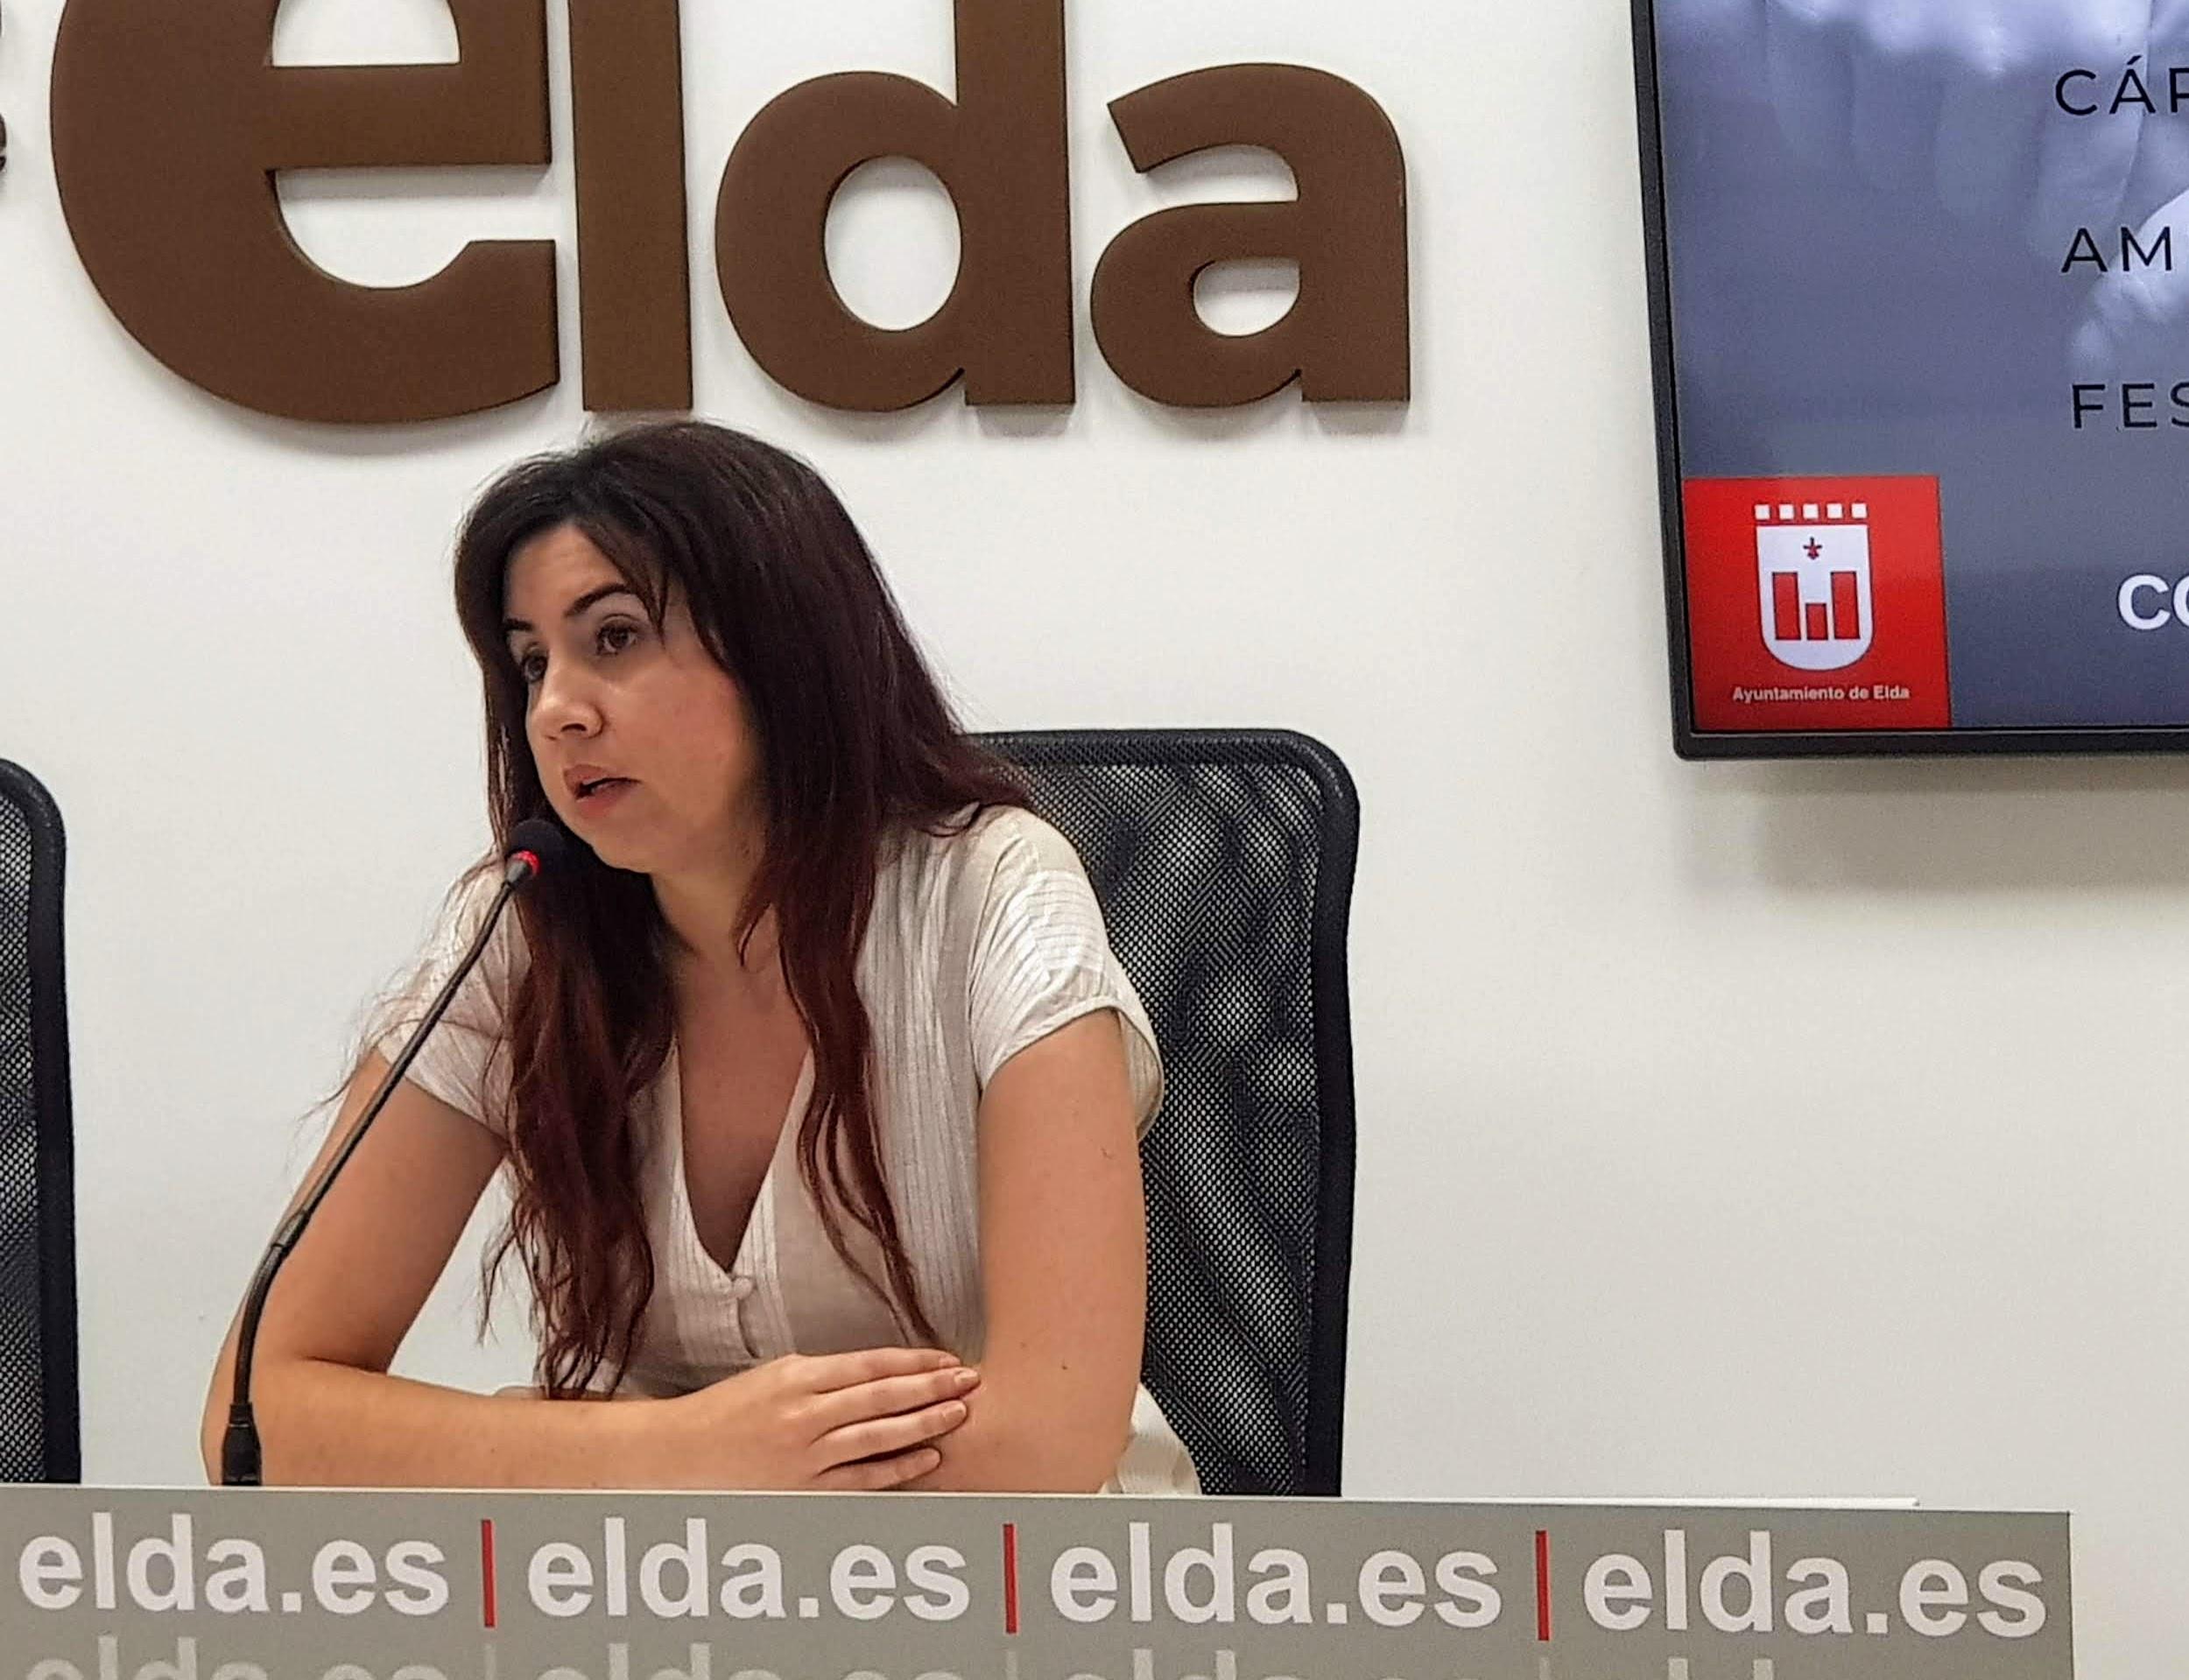 Bienestar Social concede un nuevo paquete de ayudas sociales a 42 familias de Elda afectadas por la crisis de la COVID-19